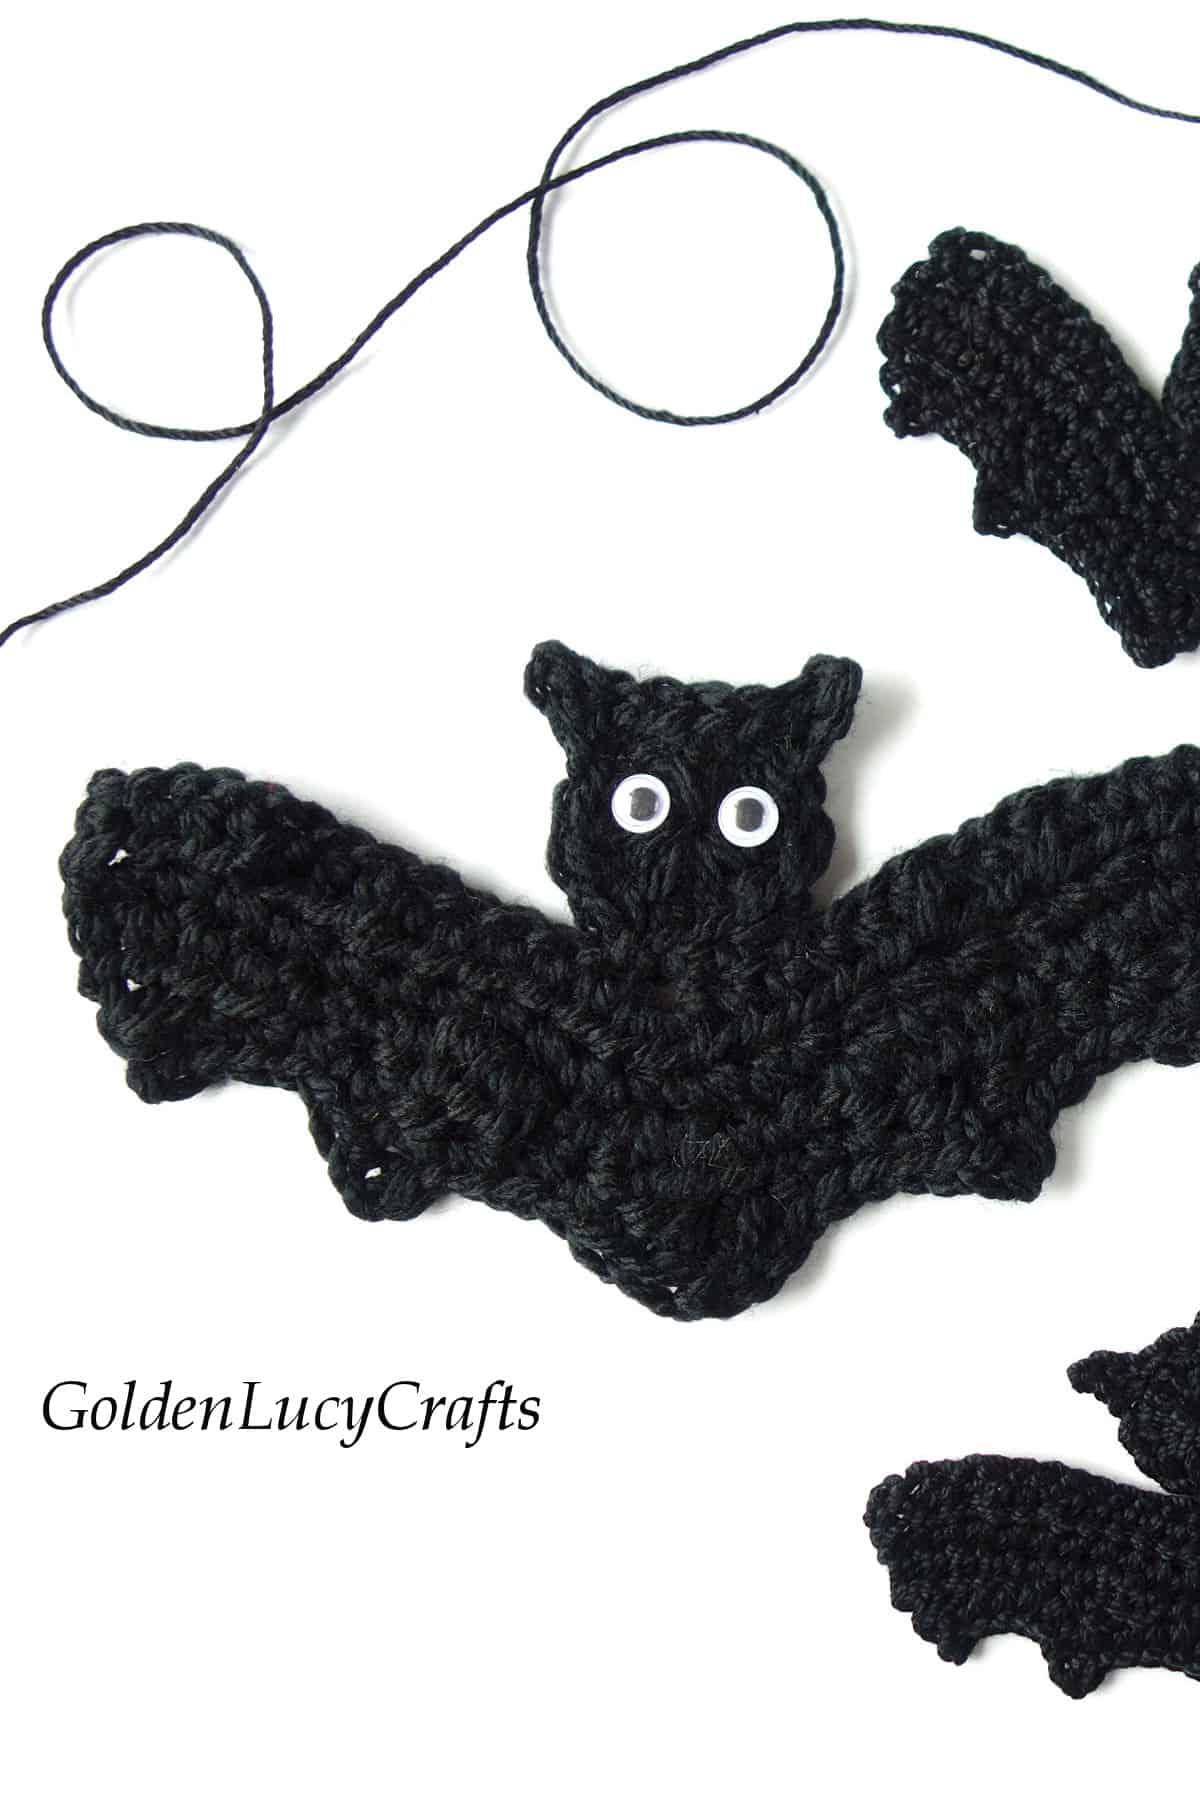 Bat applique, close up picture.